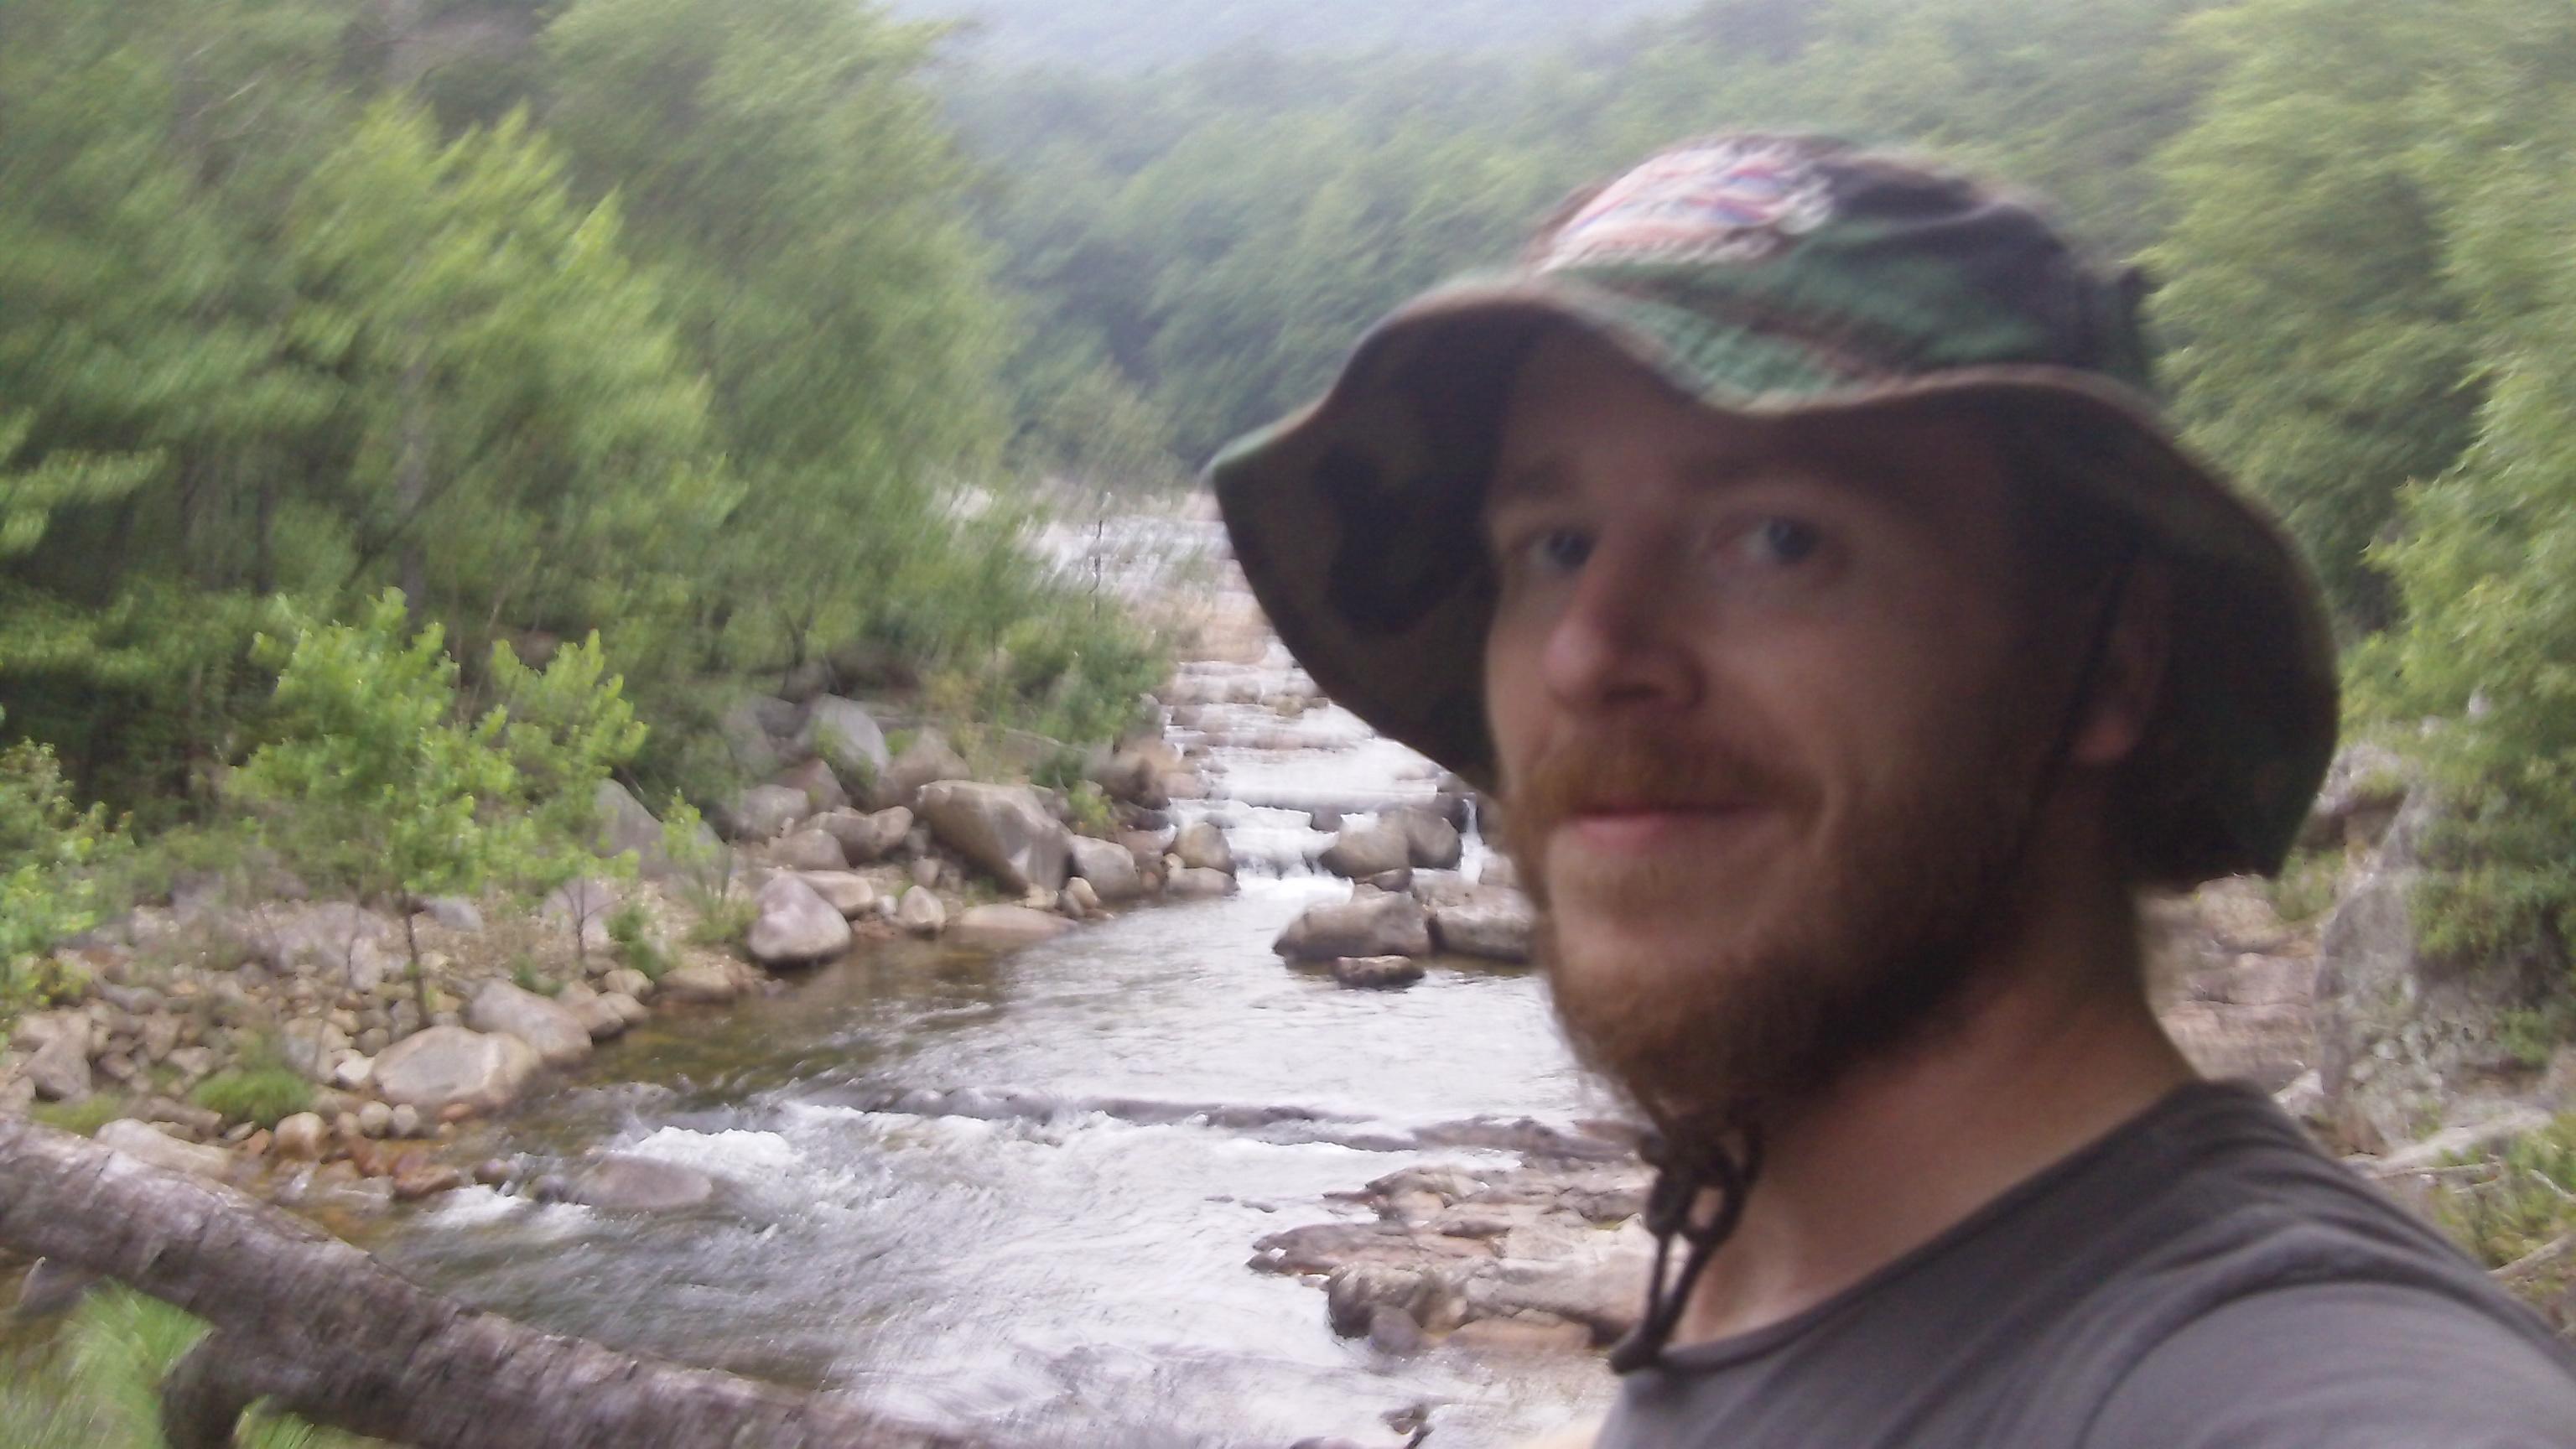 Luke at Wilson Creek, N.C.